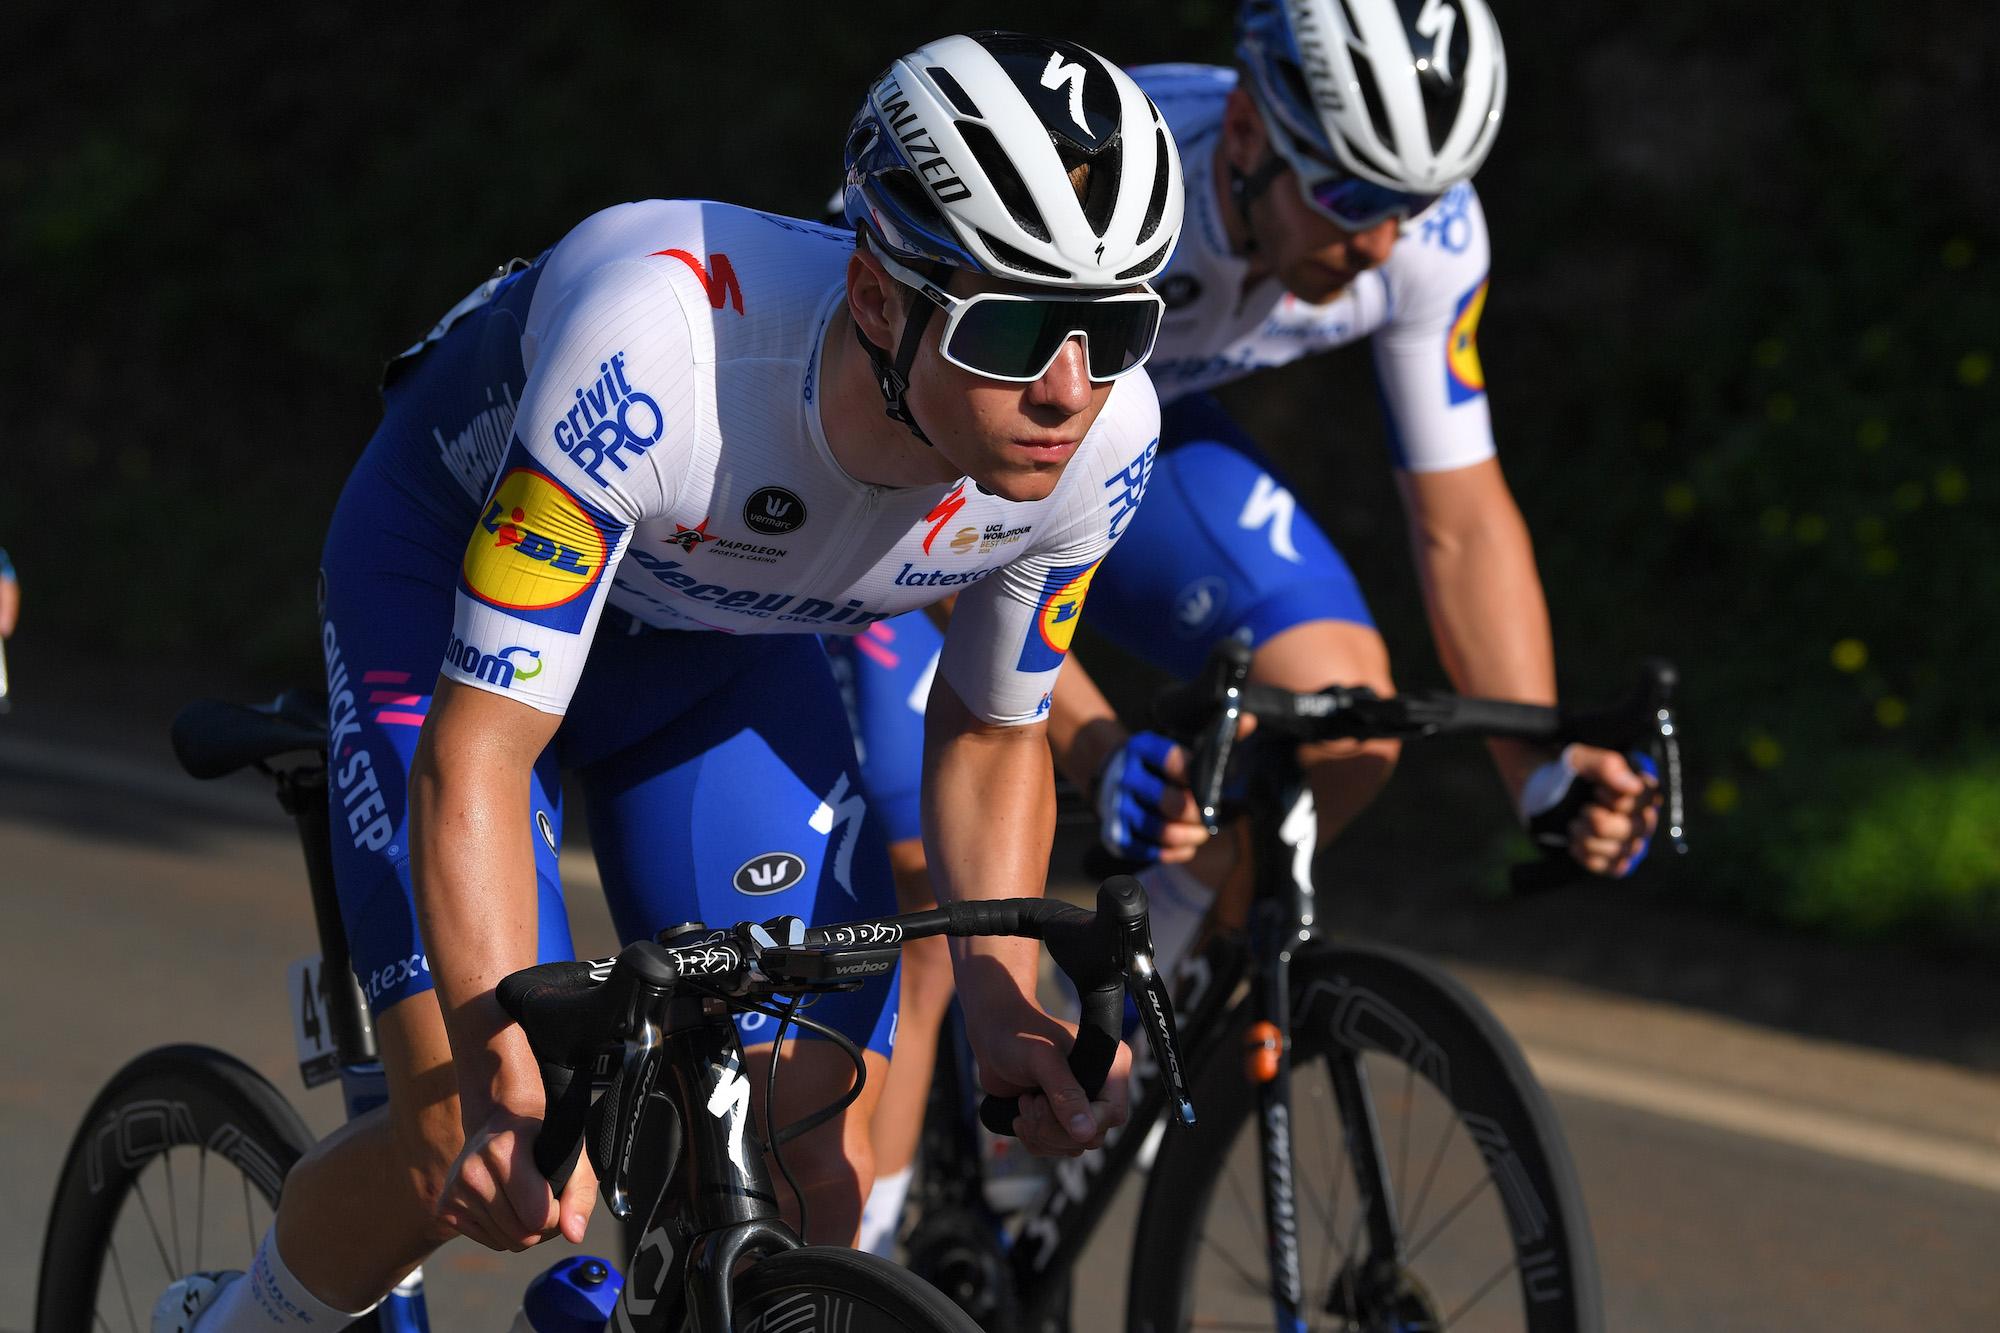 Remco Evenepoel dedicates Algarve stage win to fellow Belgian rider whose son died last week - Cycling Weekly